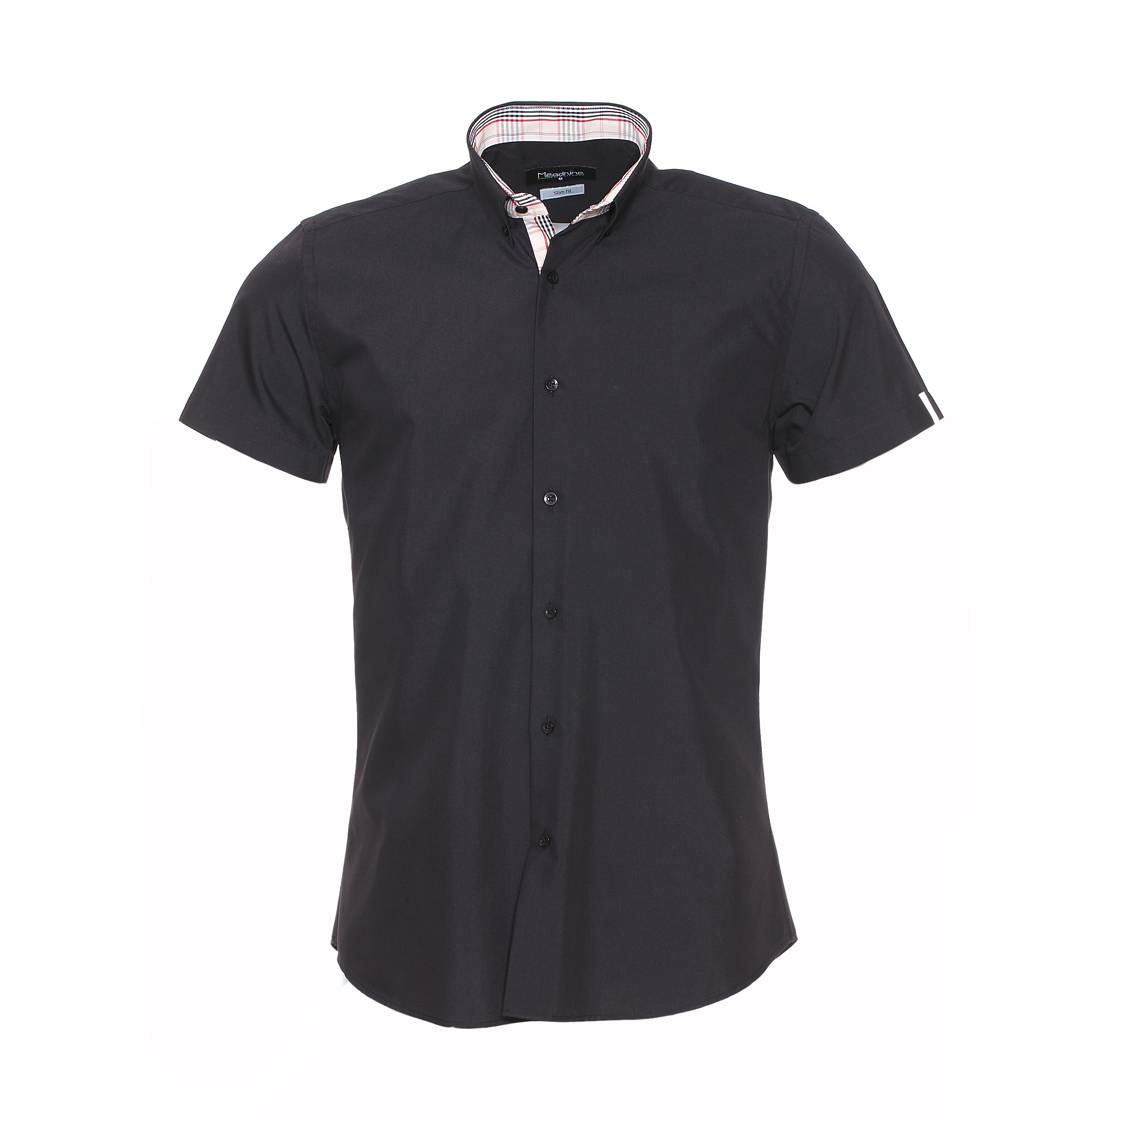 Chemise cintrée manches courtes  noire à opposition crème rayée rouge et noire